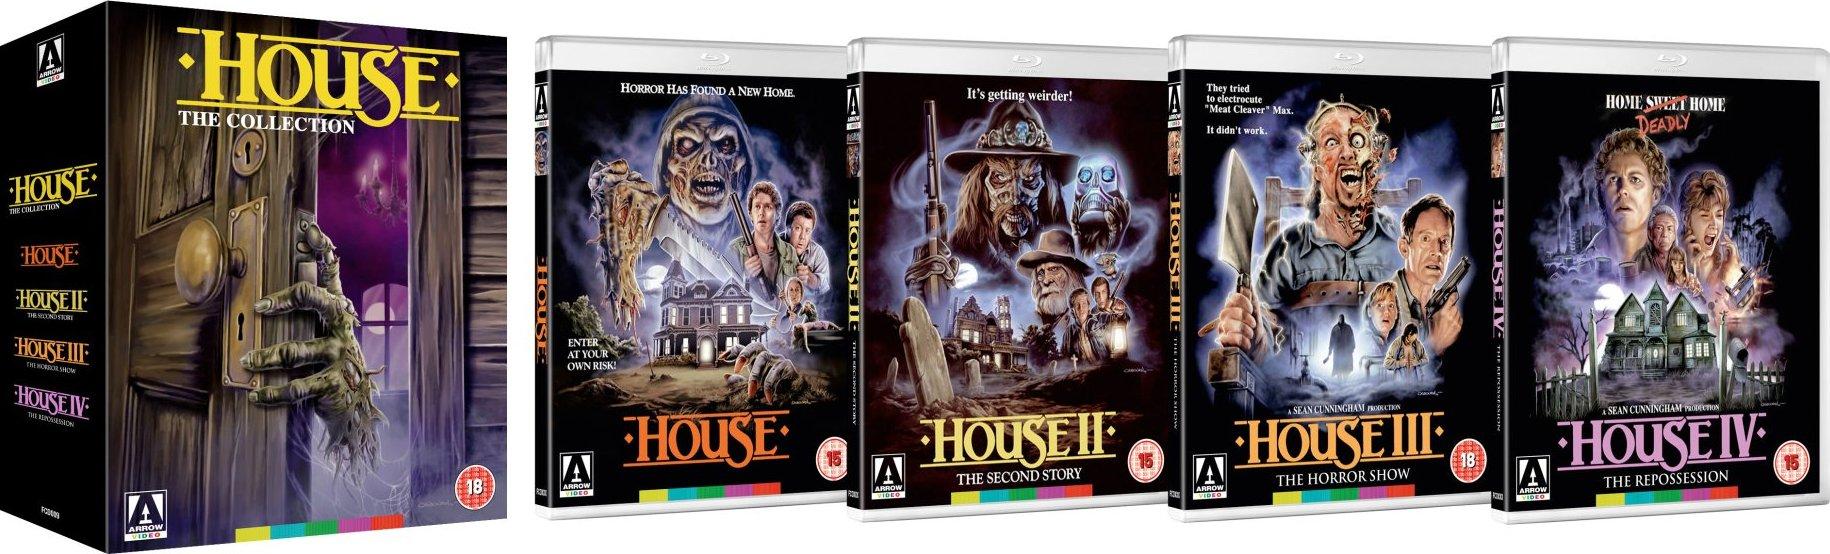 nieuwe dvd die uit zijn